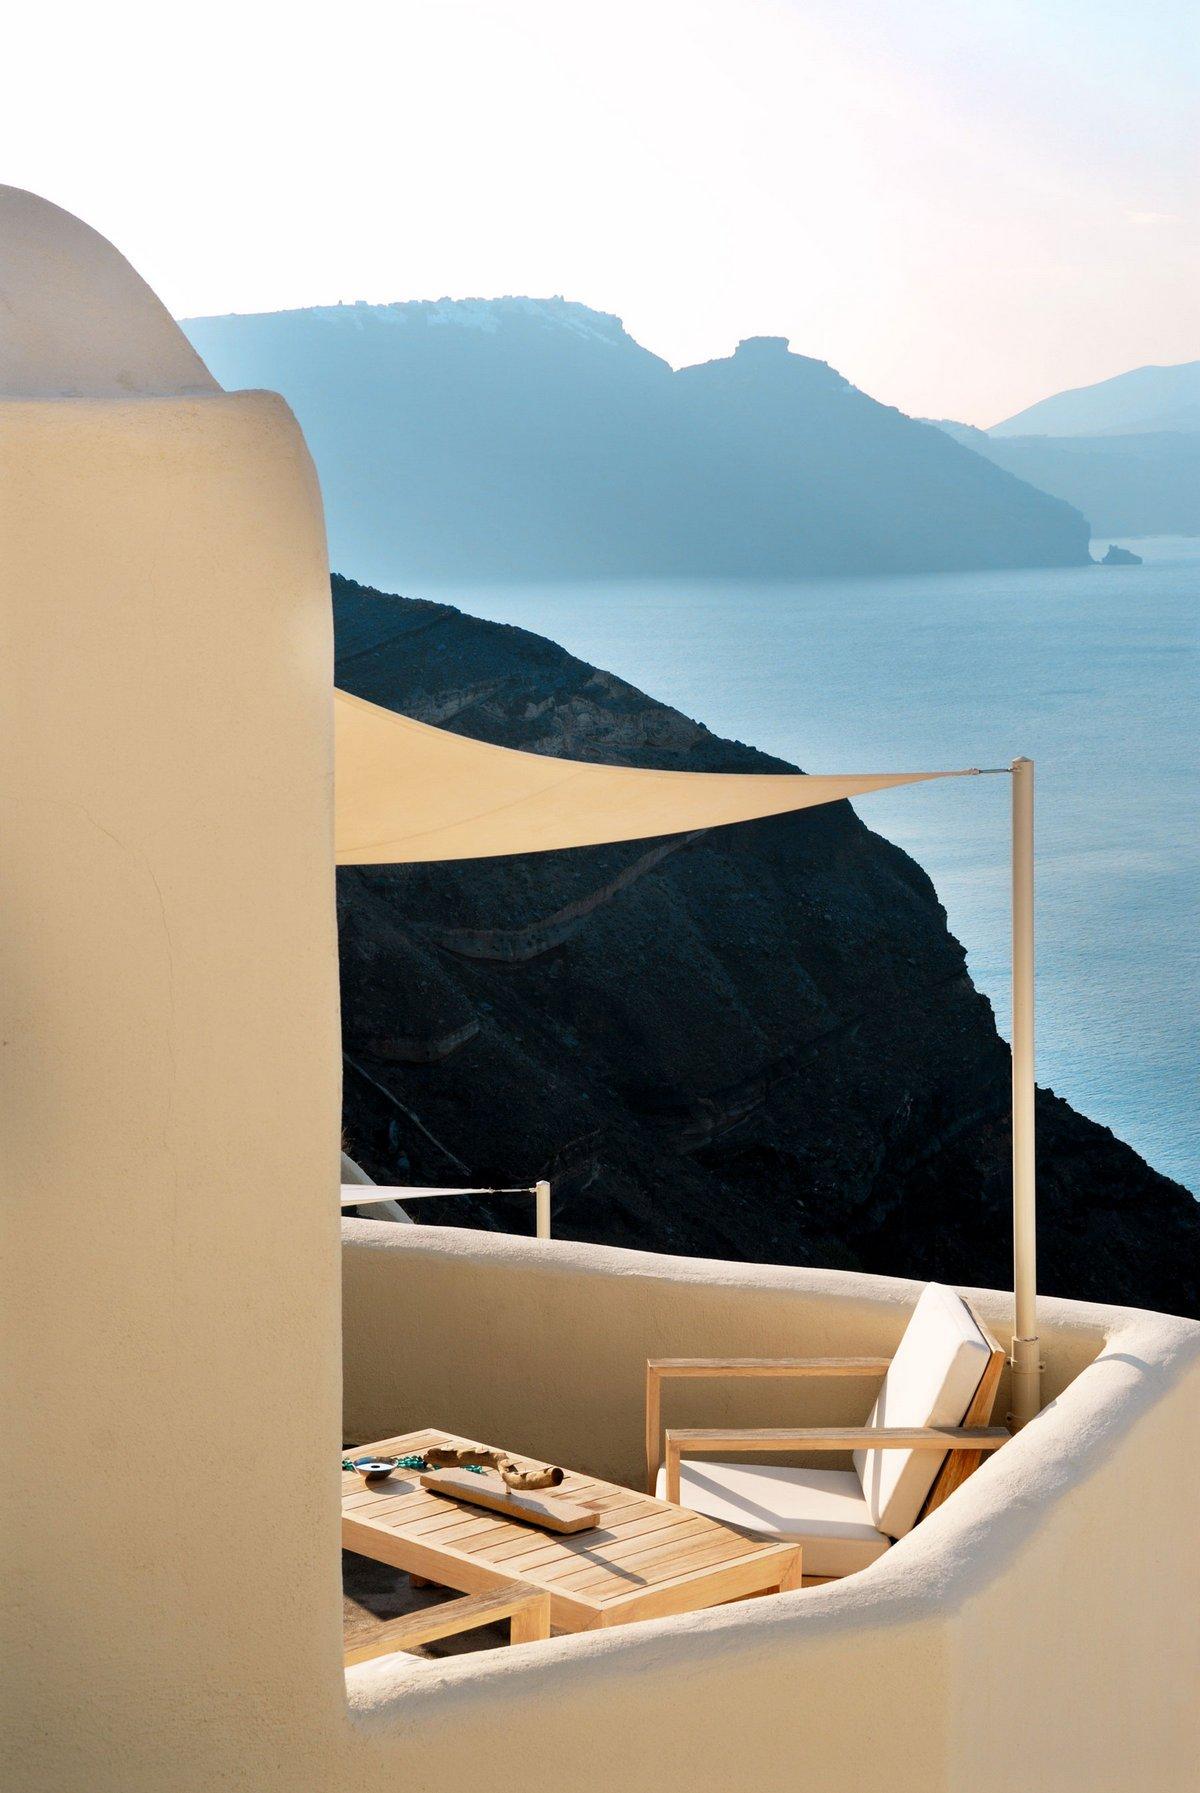 Отель Mystique, Мари Каваджи, Фрэнк Лефебре, обзор отеля Фрэнком Mystique, обзоры отелей Греции, отели Санторини, отель для свадебного путешествия